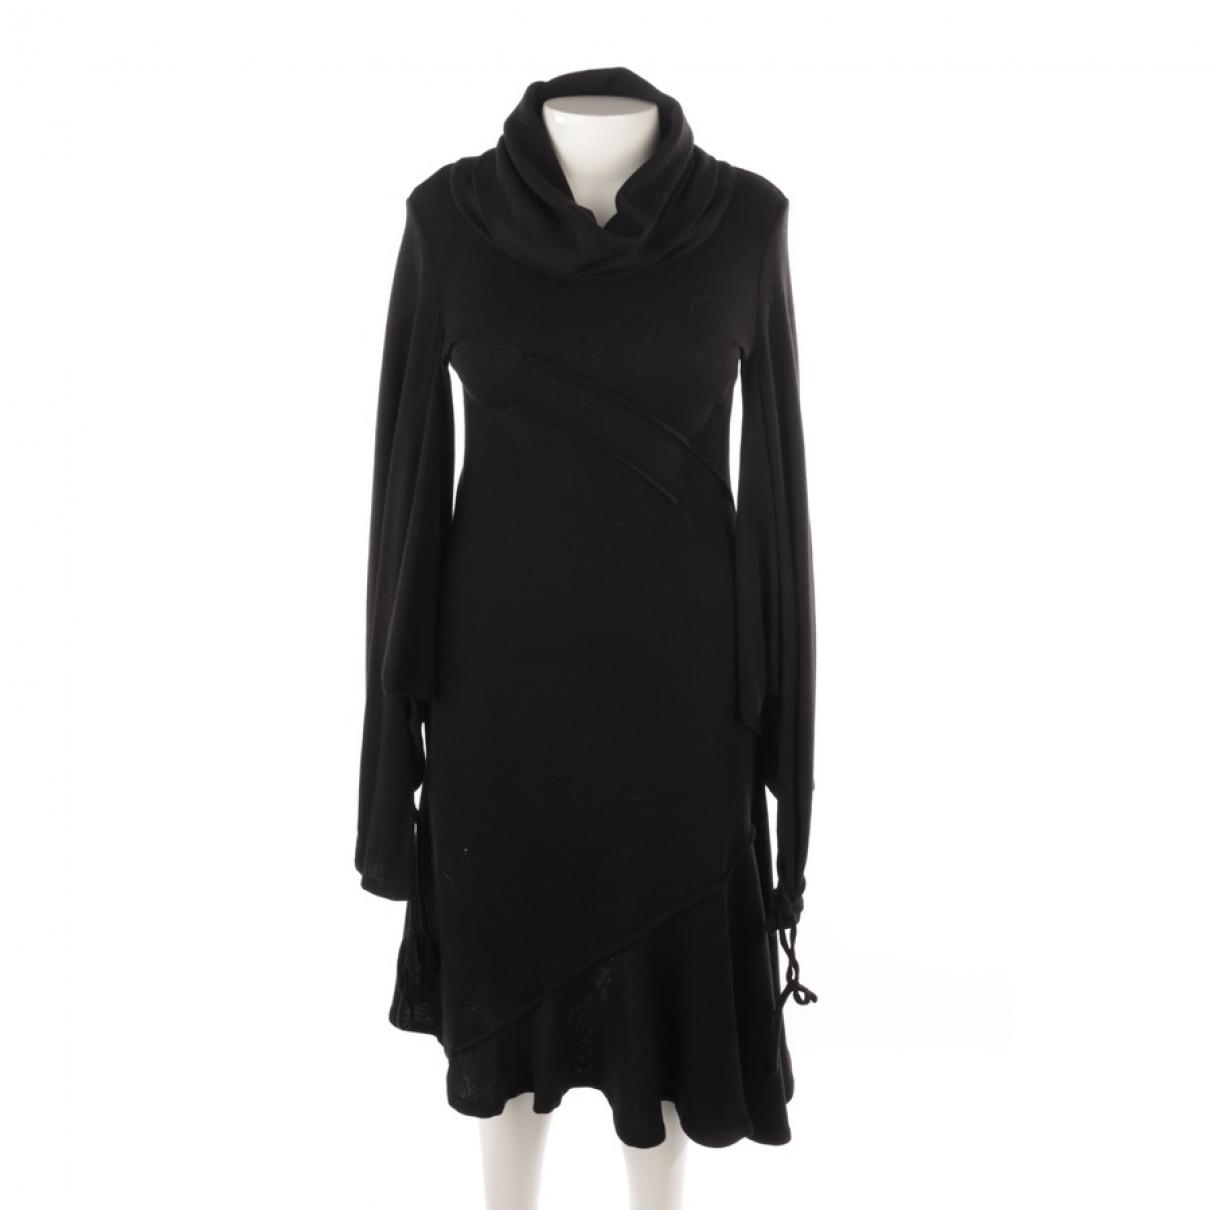 J.w. Anderson \N Black Wool dress for Women 40 FR